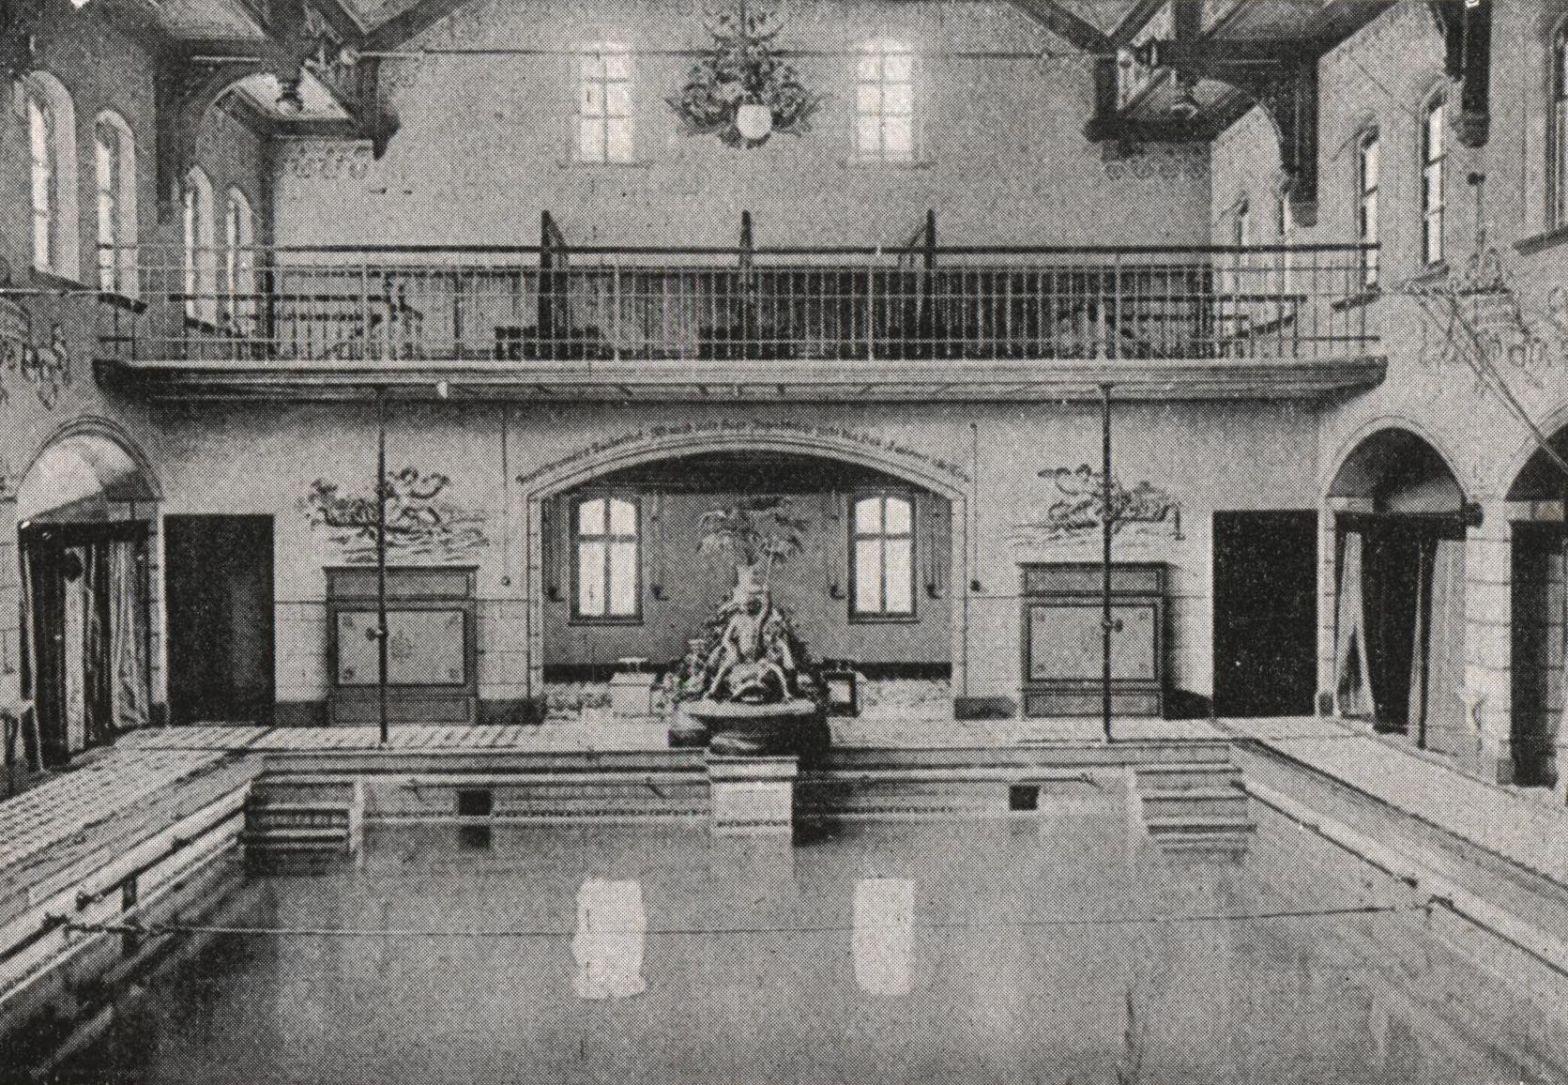 """Blick in das historische Siegener Stadtbad an der Sandstraße. Die Ansicht stammt aus der Publikation """"Führer durch Siegen"""" aus dem Jahr 1924"""